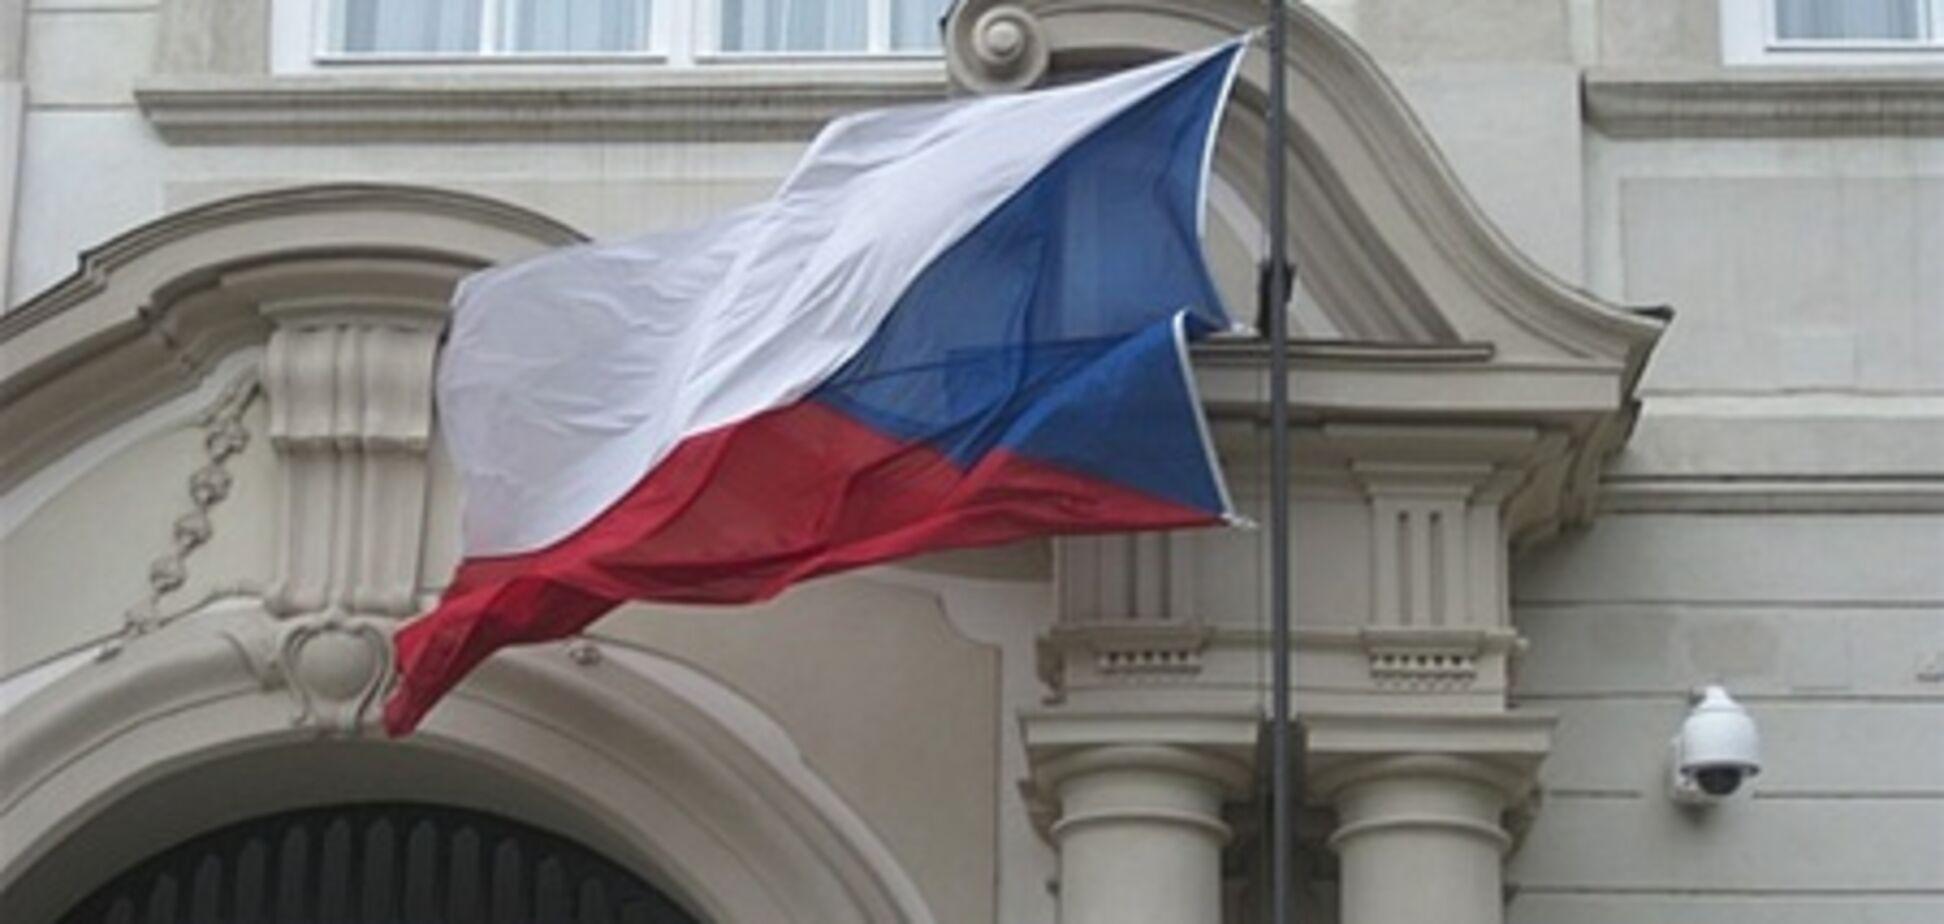 Екс-посол: відносини України та Чехії зіпсуються через притулку для Тимошенко